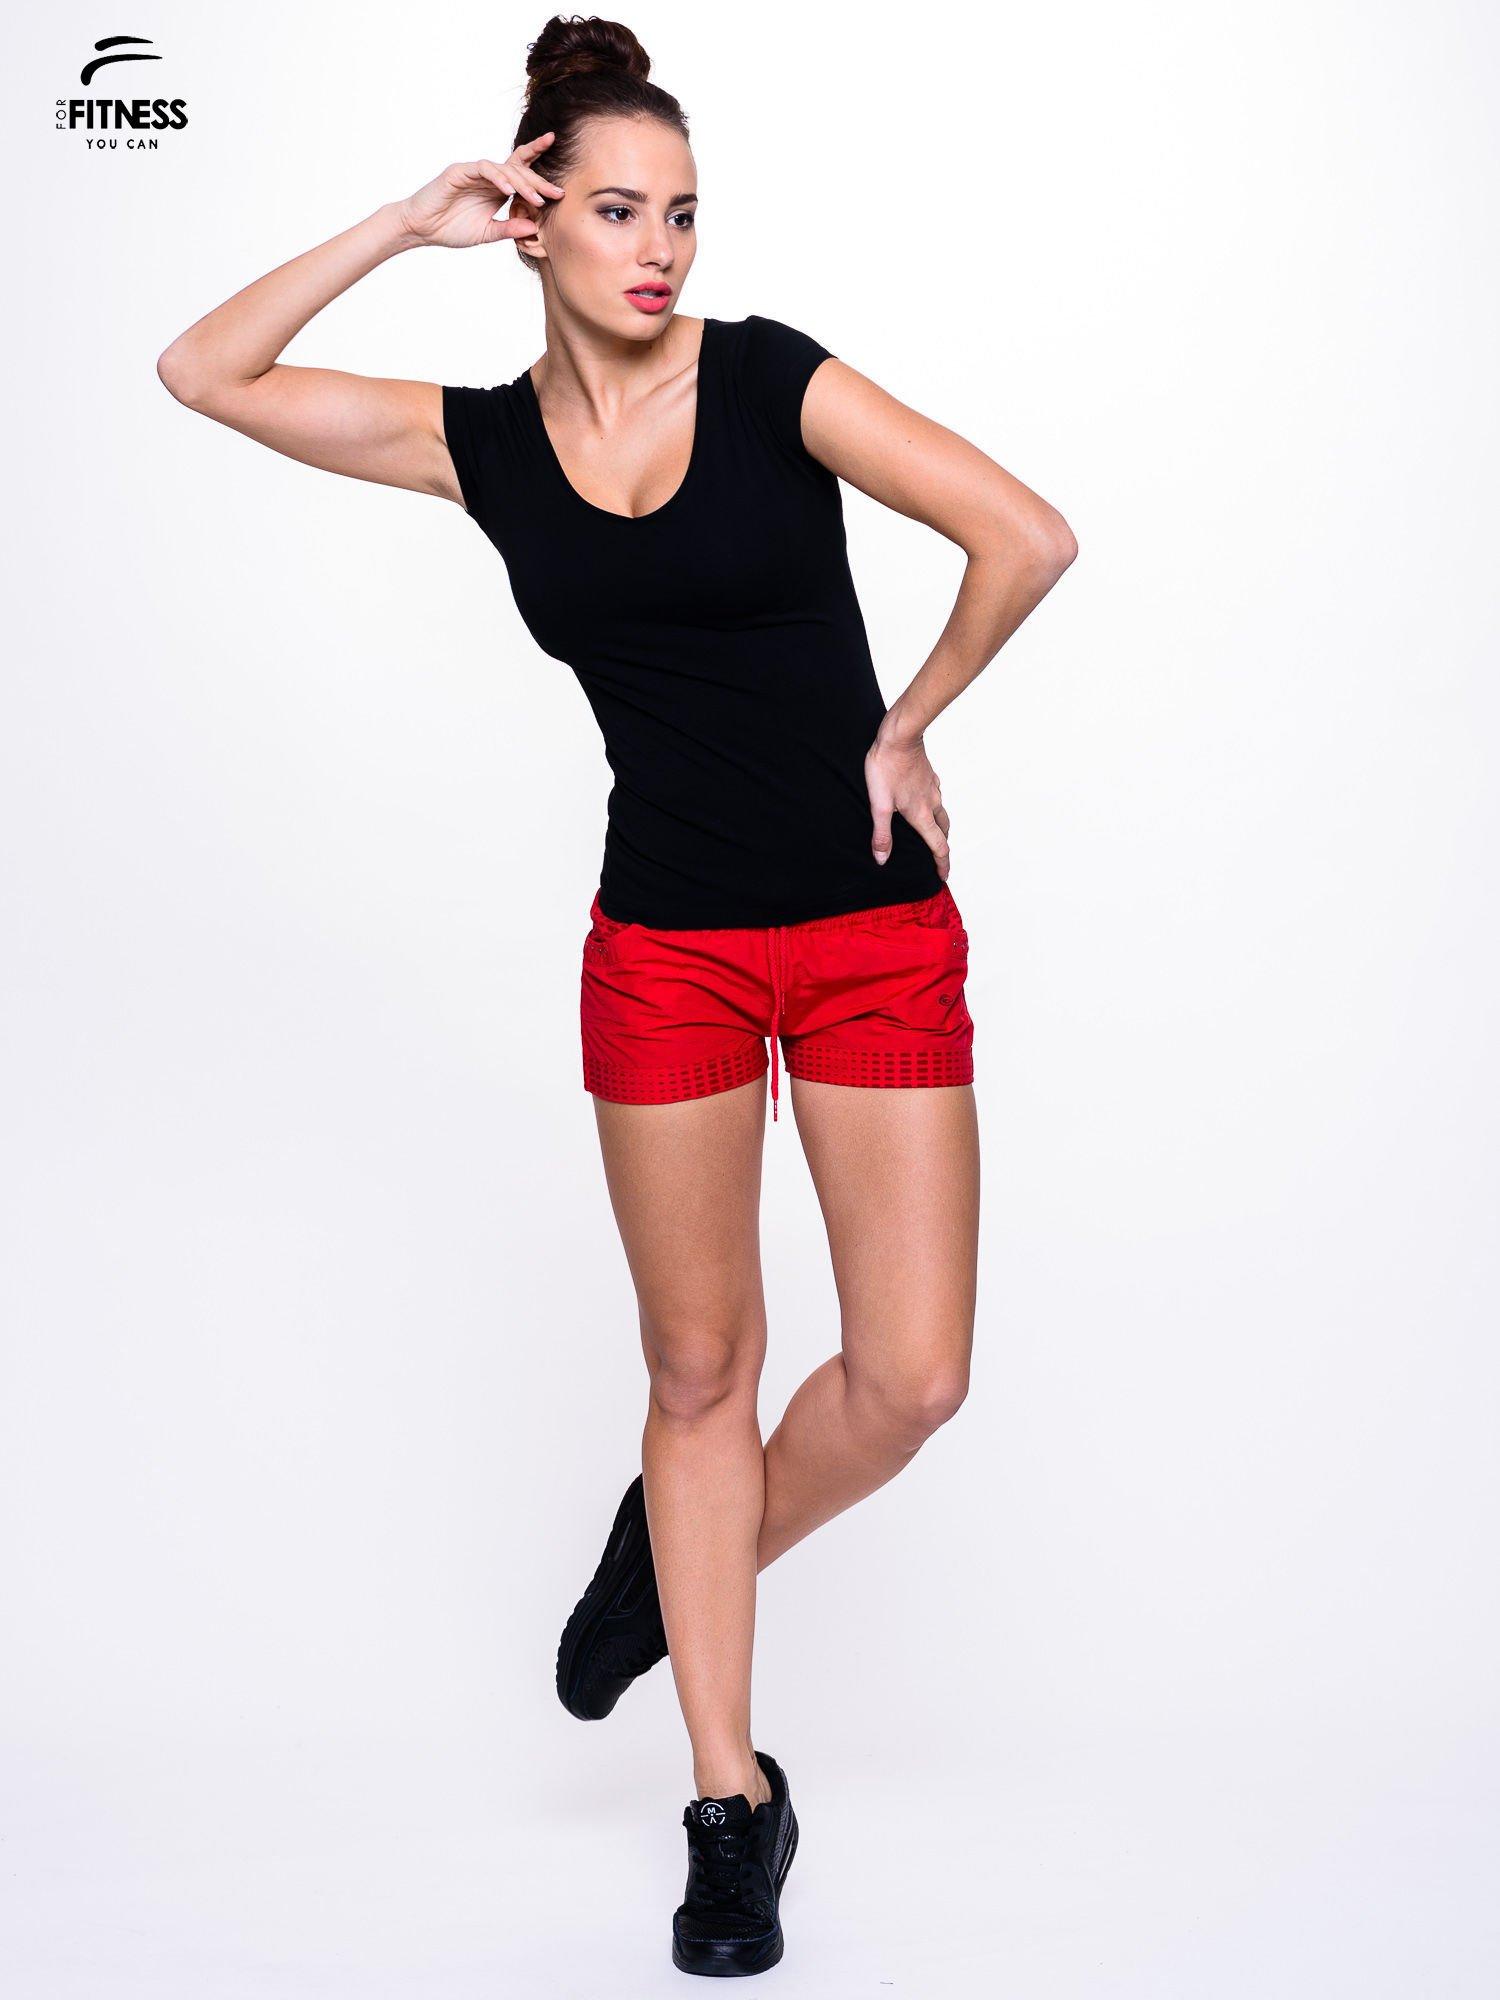 75af1f0489a490 Bawełniana czarna bluzka na krótki rękaw FOR FITNESS - T-shirt ...